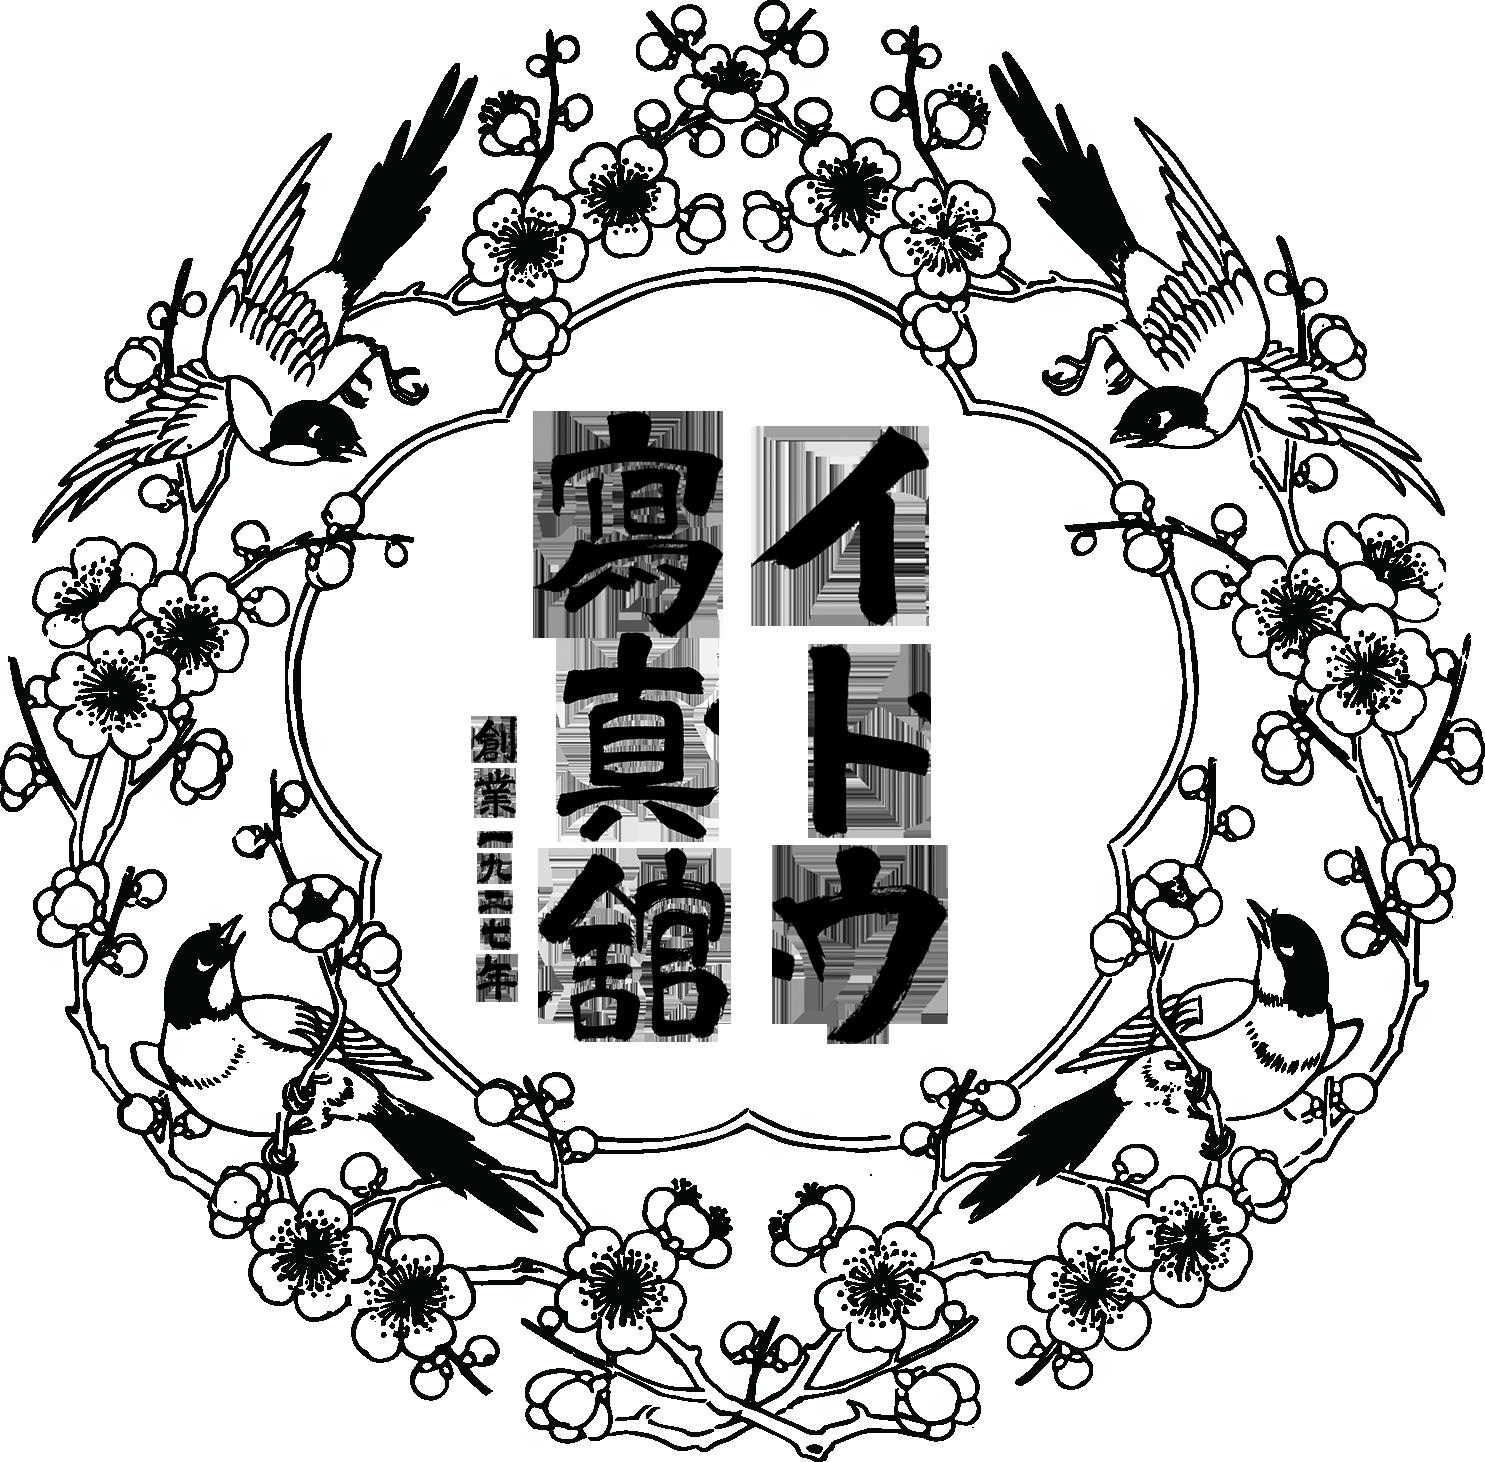 イトウ写真館 愛知県 津島市 ダゲレオタイプ 湿板写真 乾板写真 フイルム